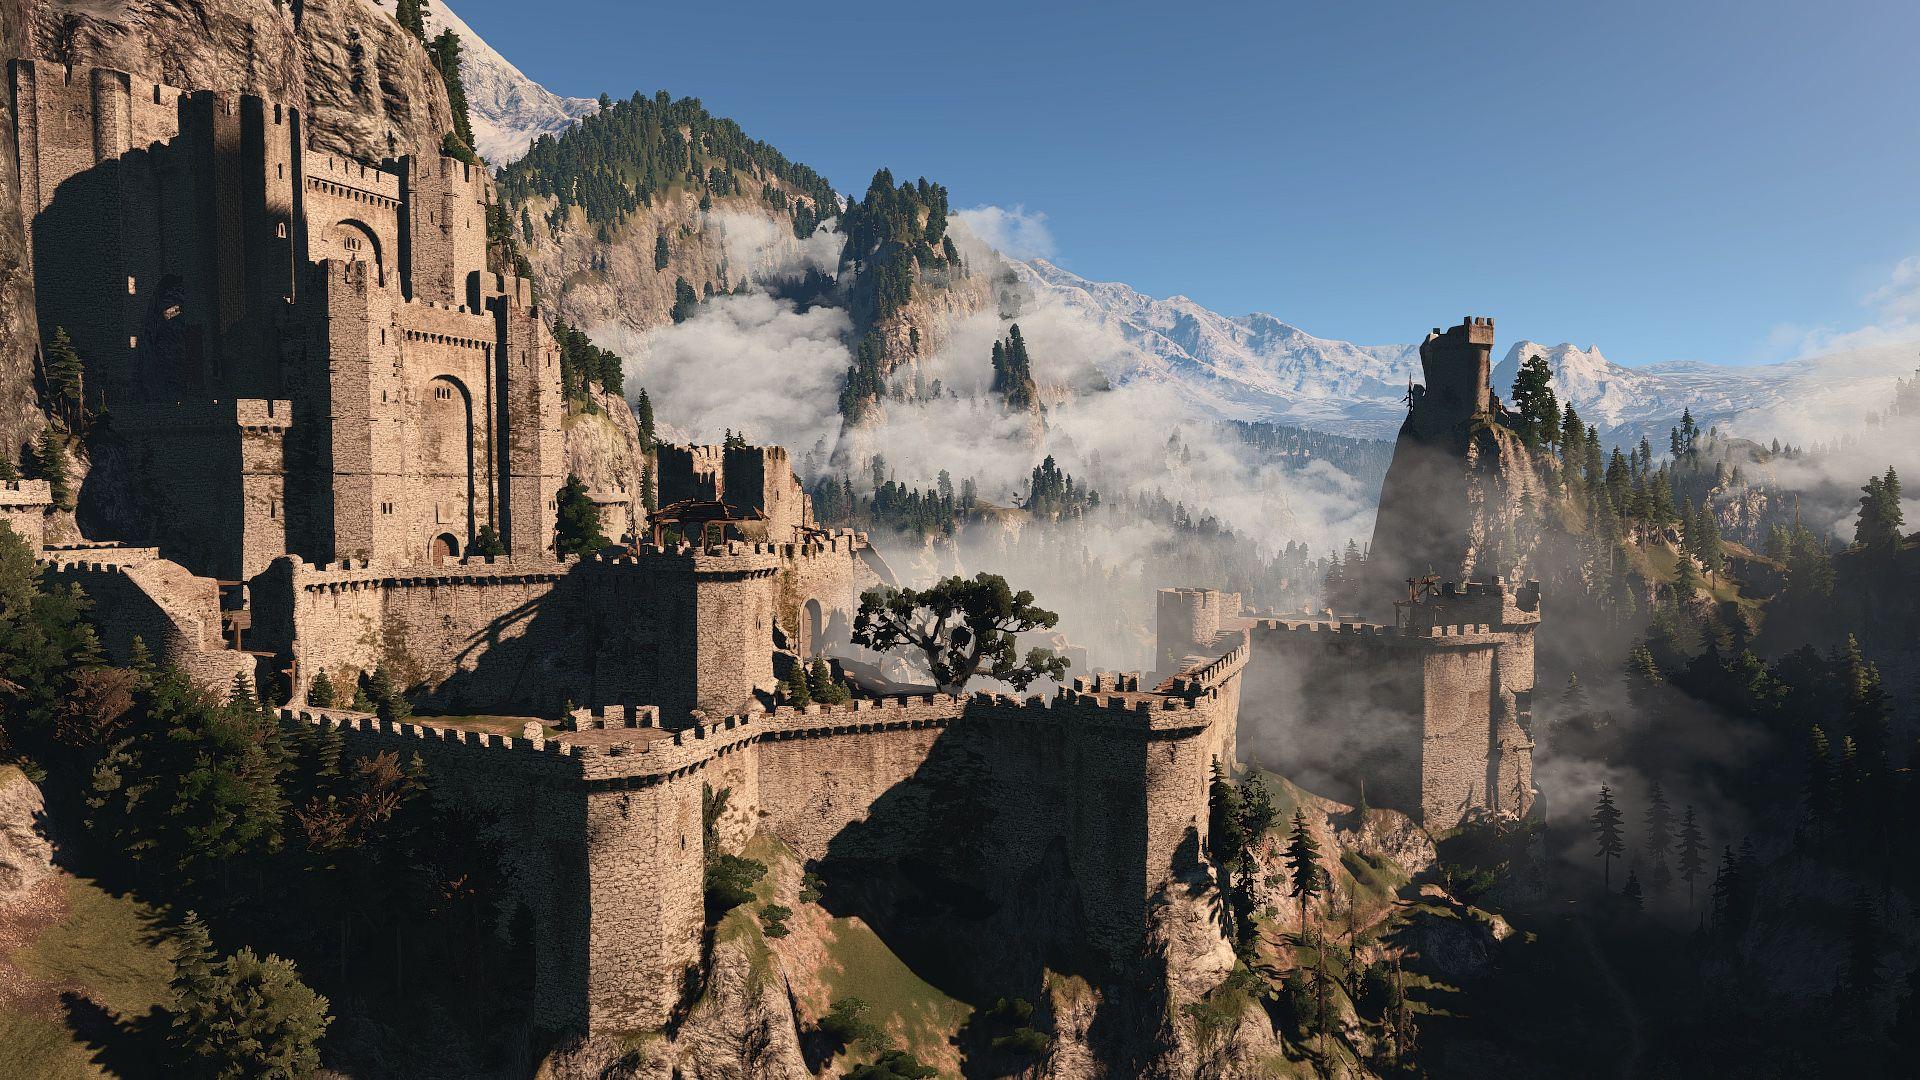 kaer morhen - Google Search | Fotos, Cidade, Witcher